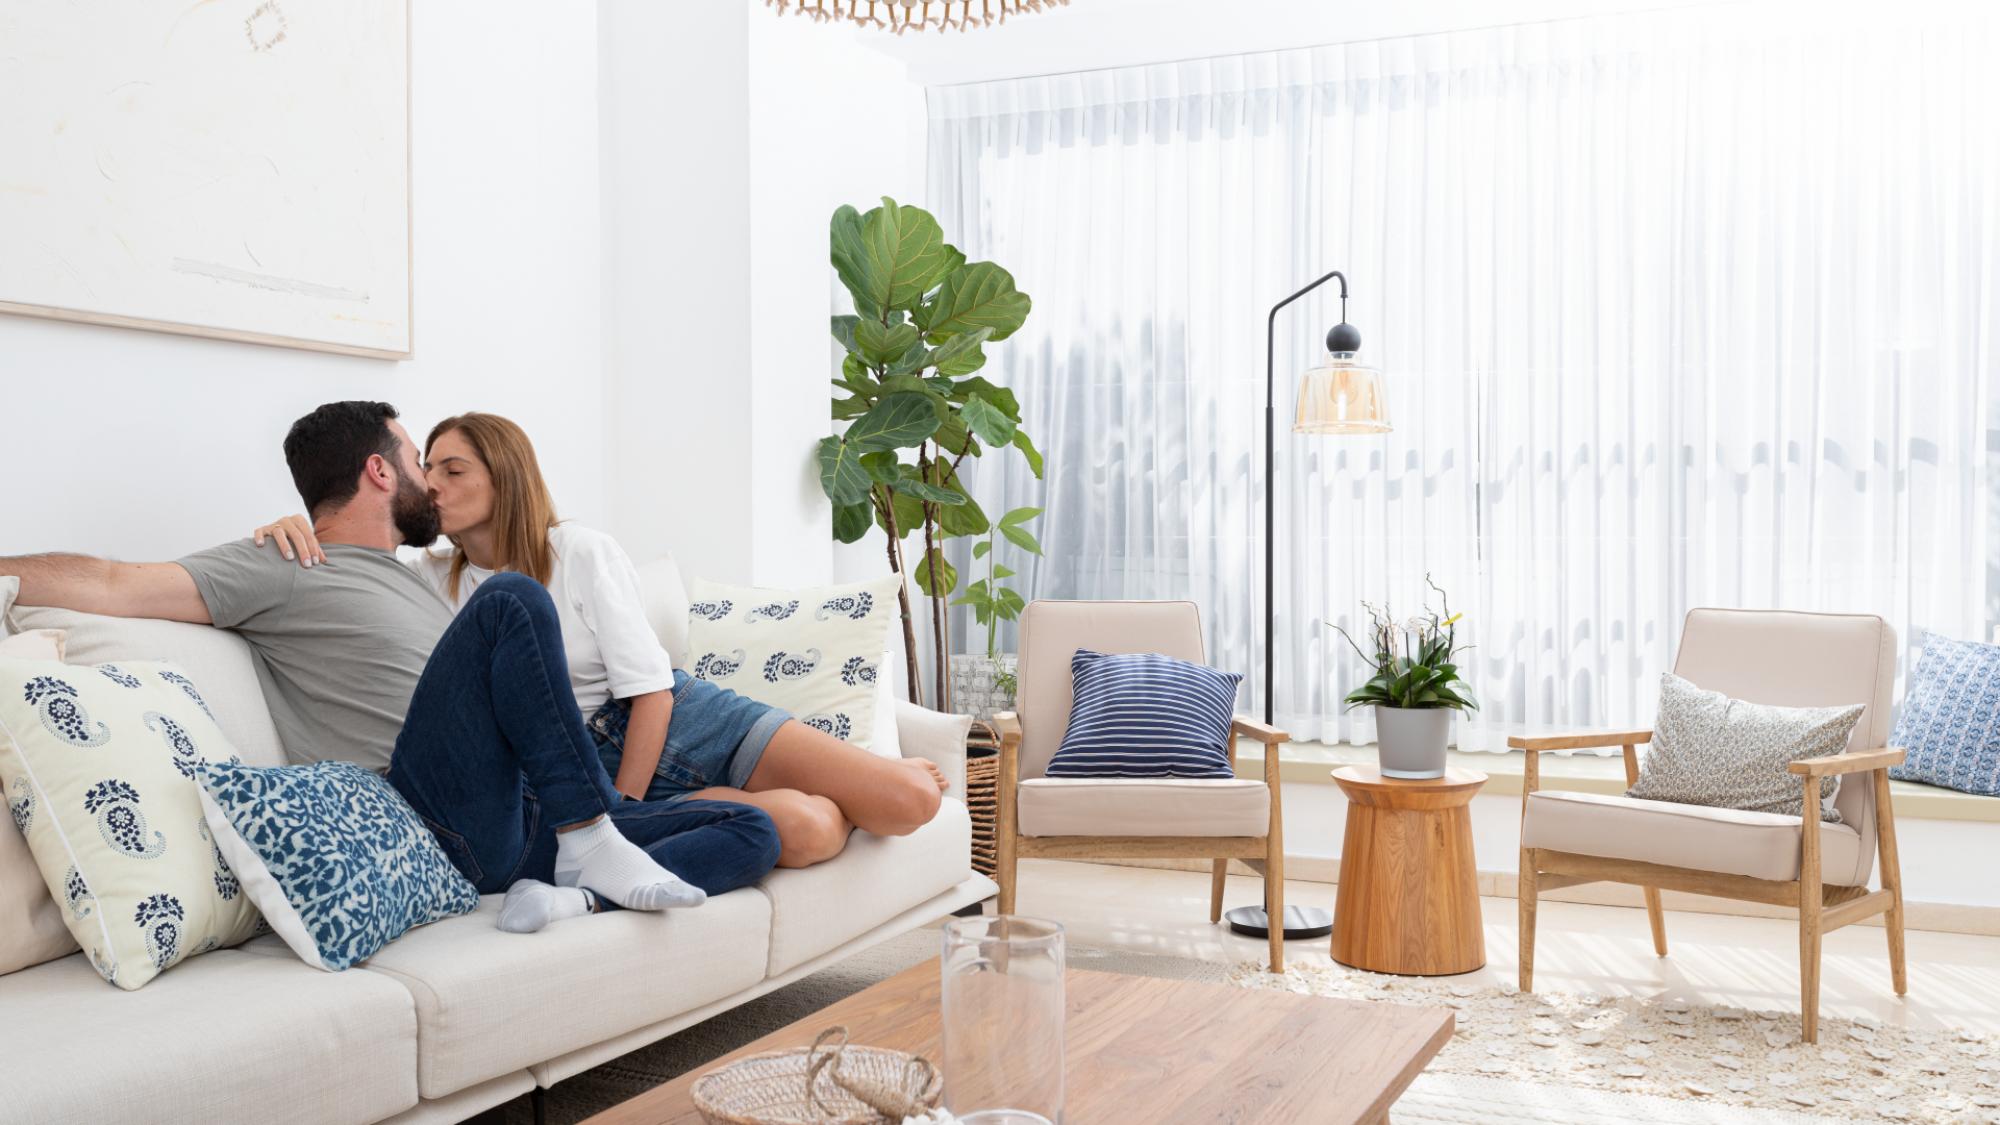 הדירה של ניר והגר בצפון הישן תל אביב   עיצוב פנים: נועה גבע, צילום: עומר שורר